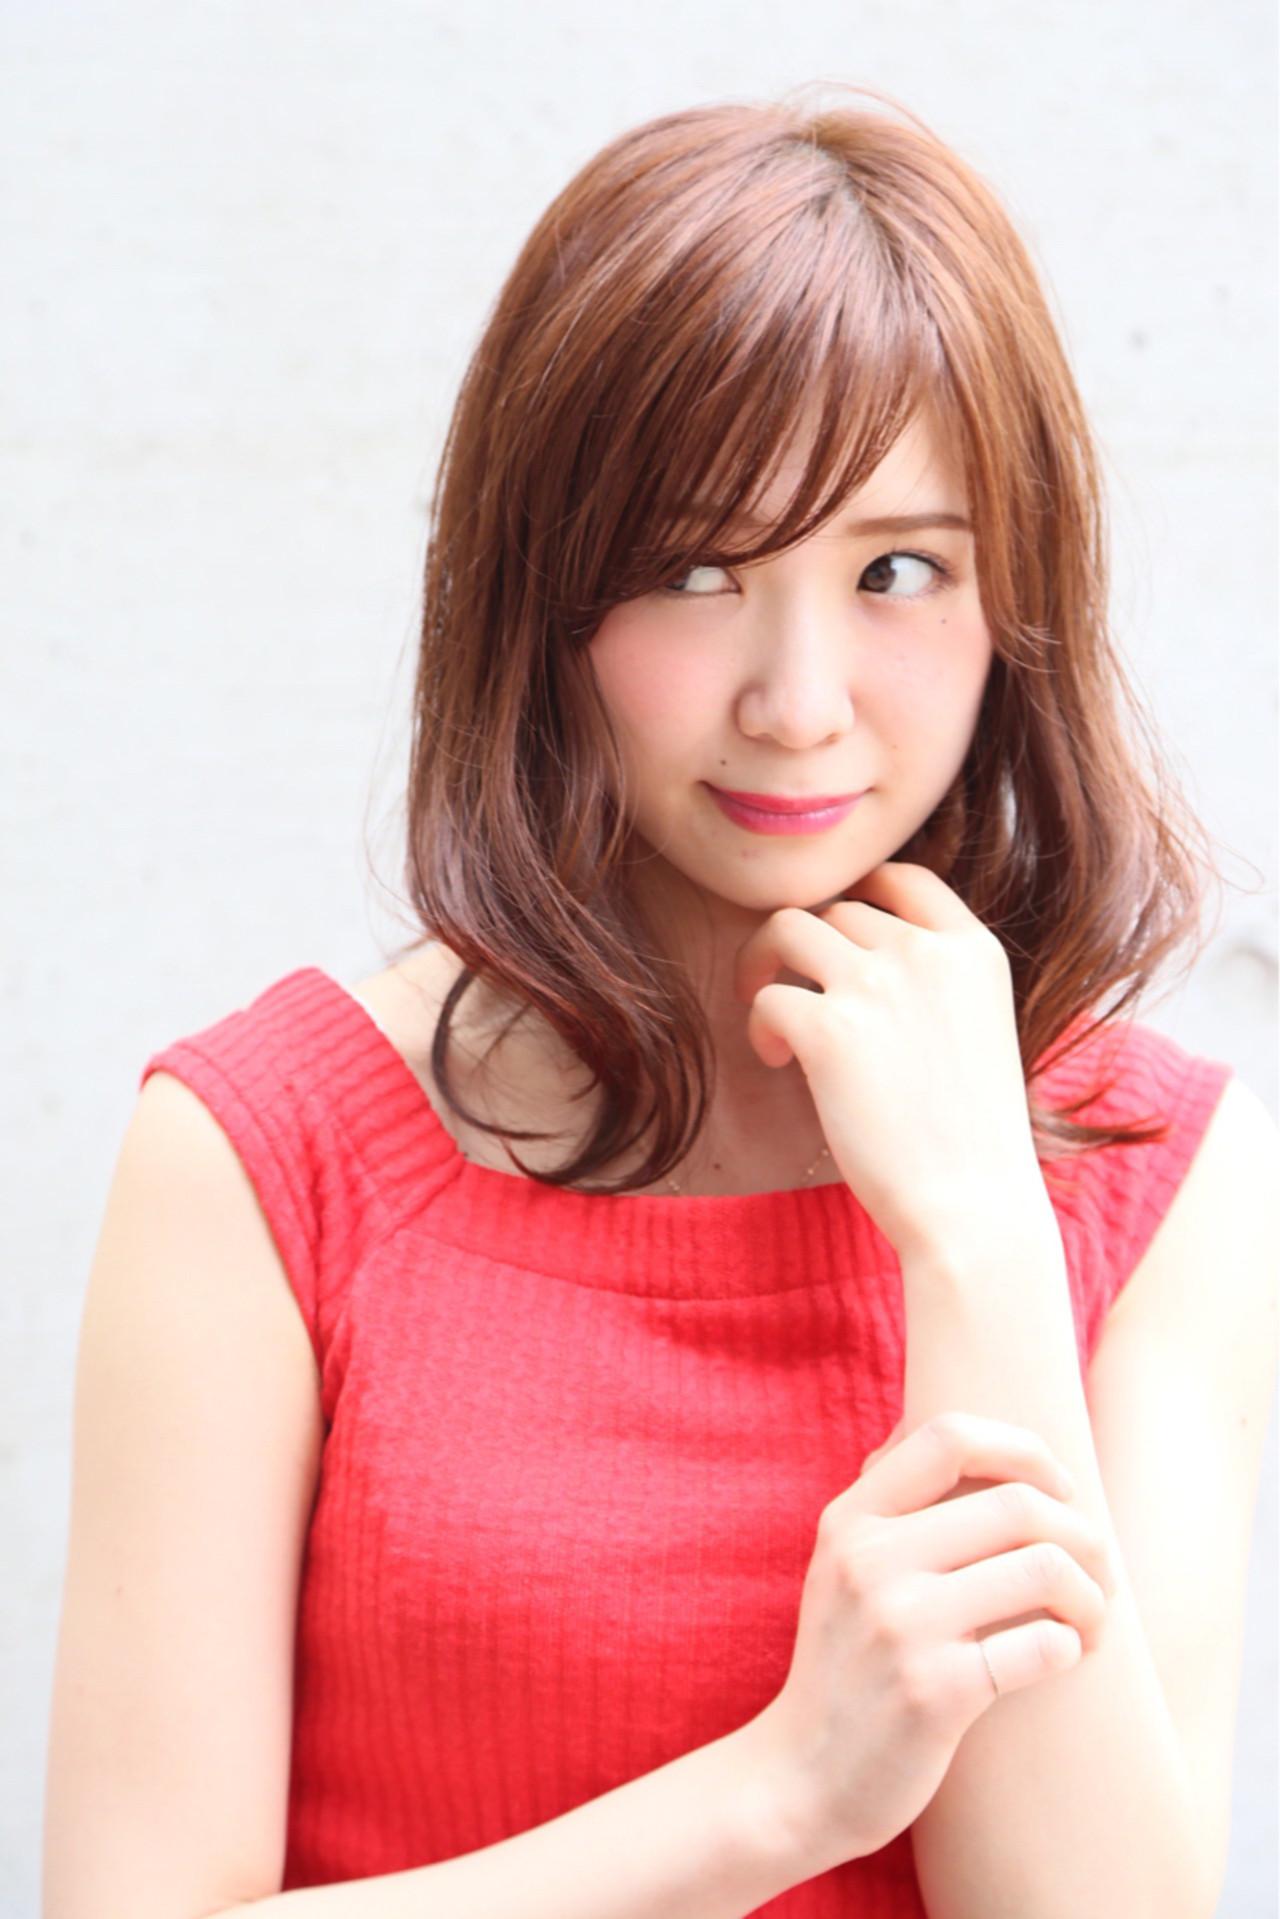 ナチュラル アッシュベージュ ミルクティー ミディアム ヘアスタイルや髪型の写真・画像 | Mayu / a